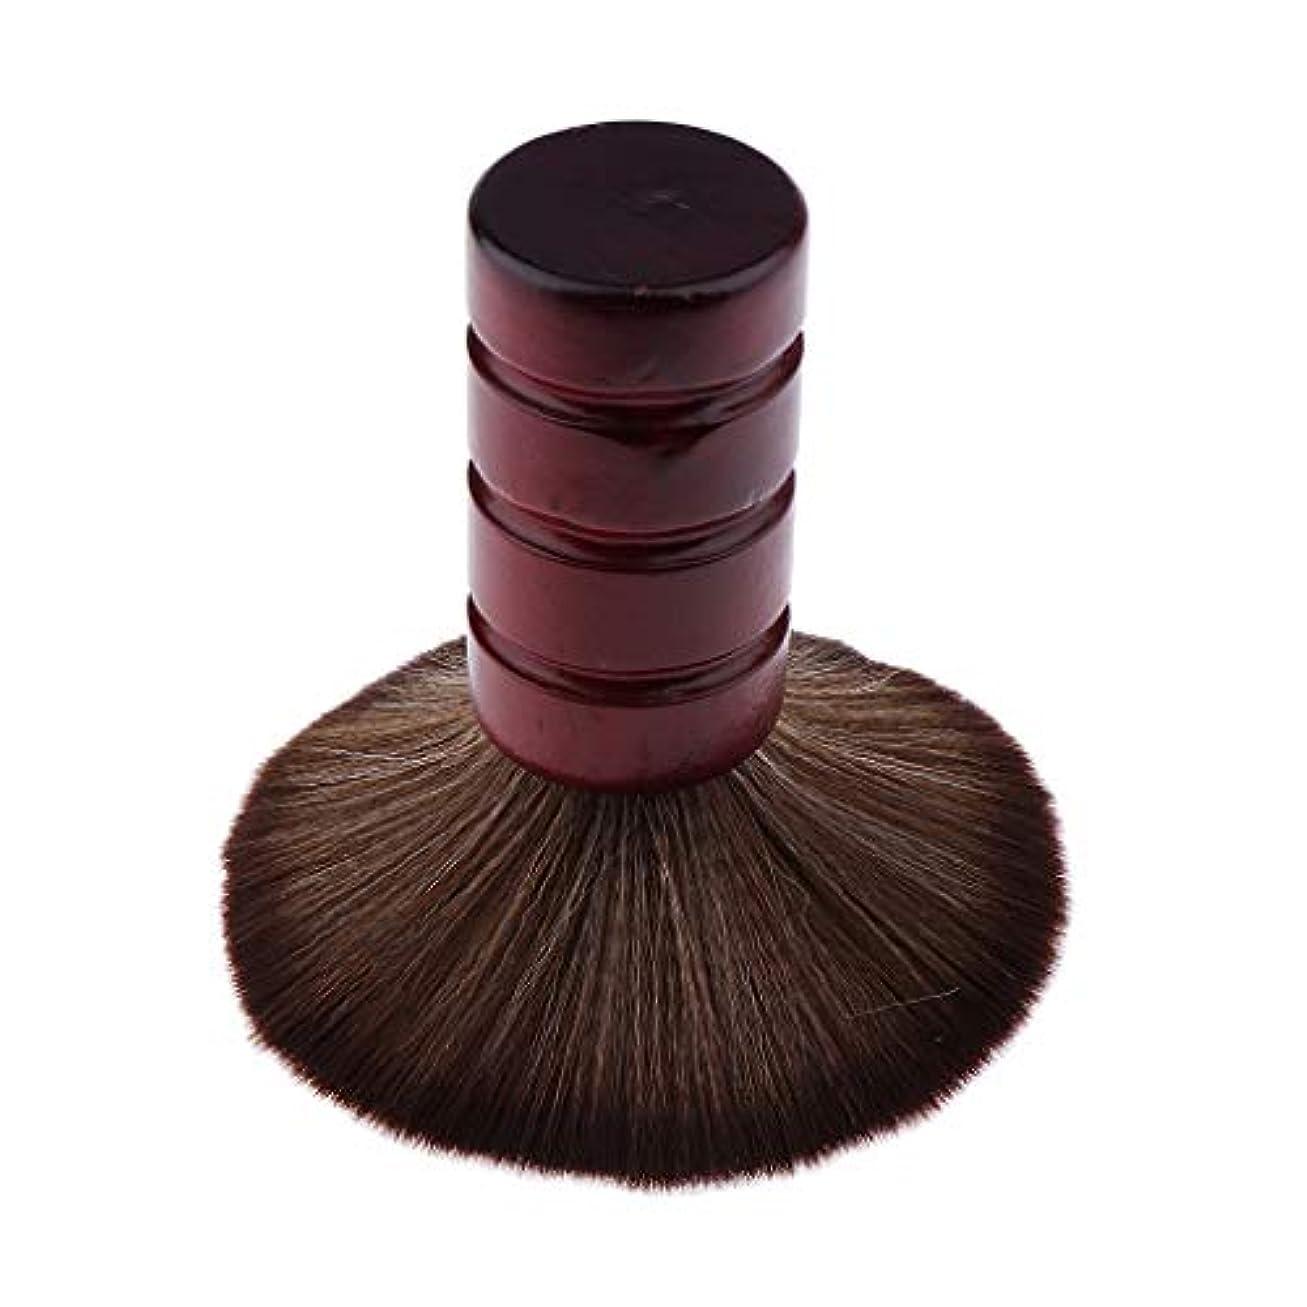 決済あるヘアカット ネックダスターブラシ バーバー ヘアーサロン シェービング 美容ブラシ